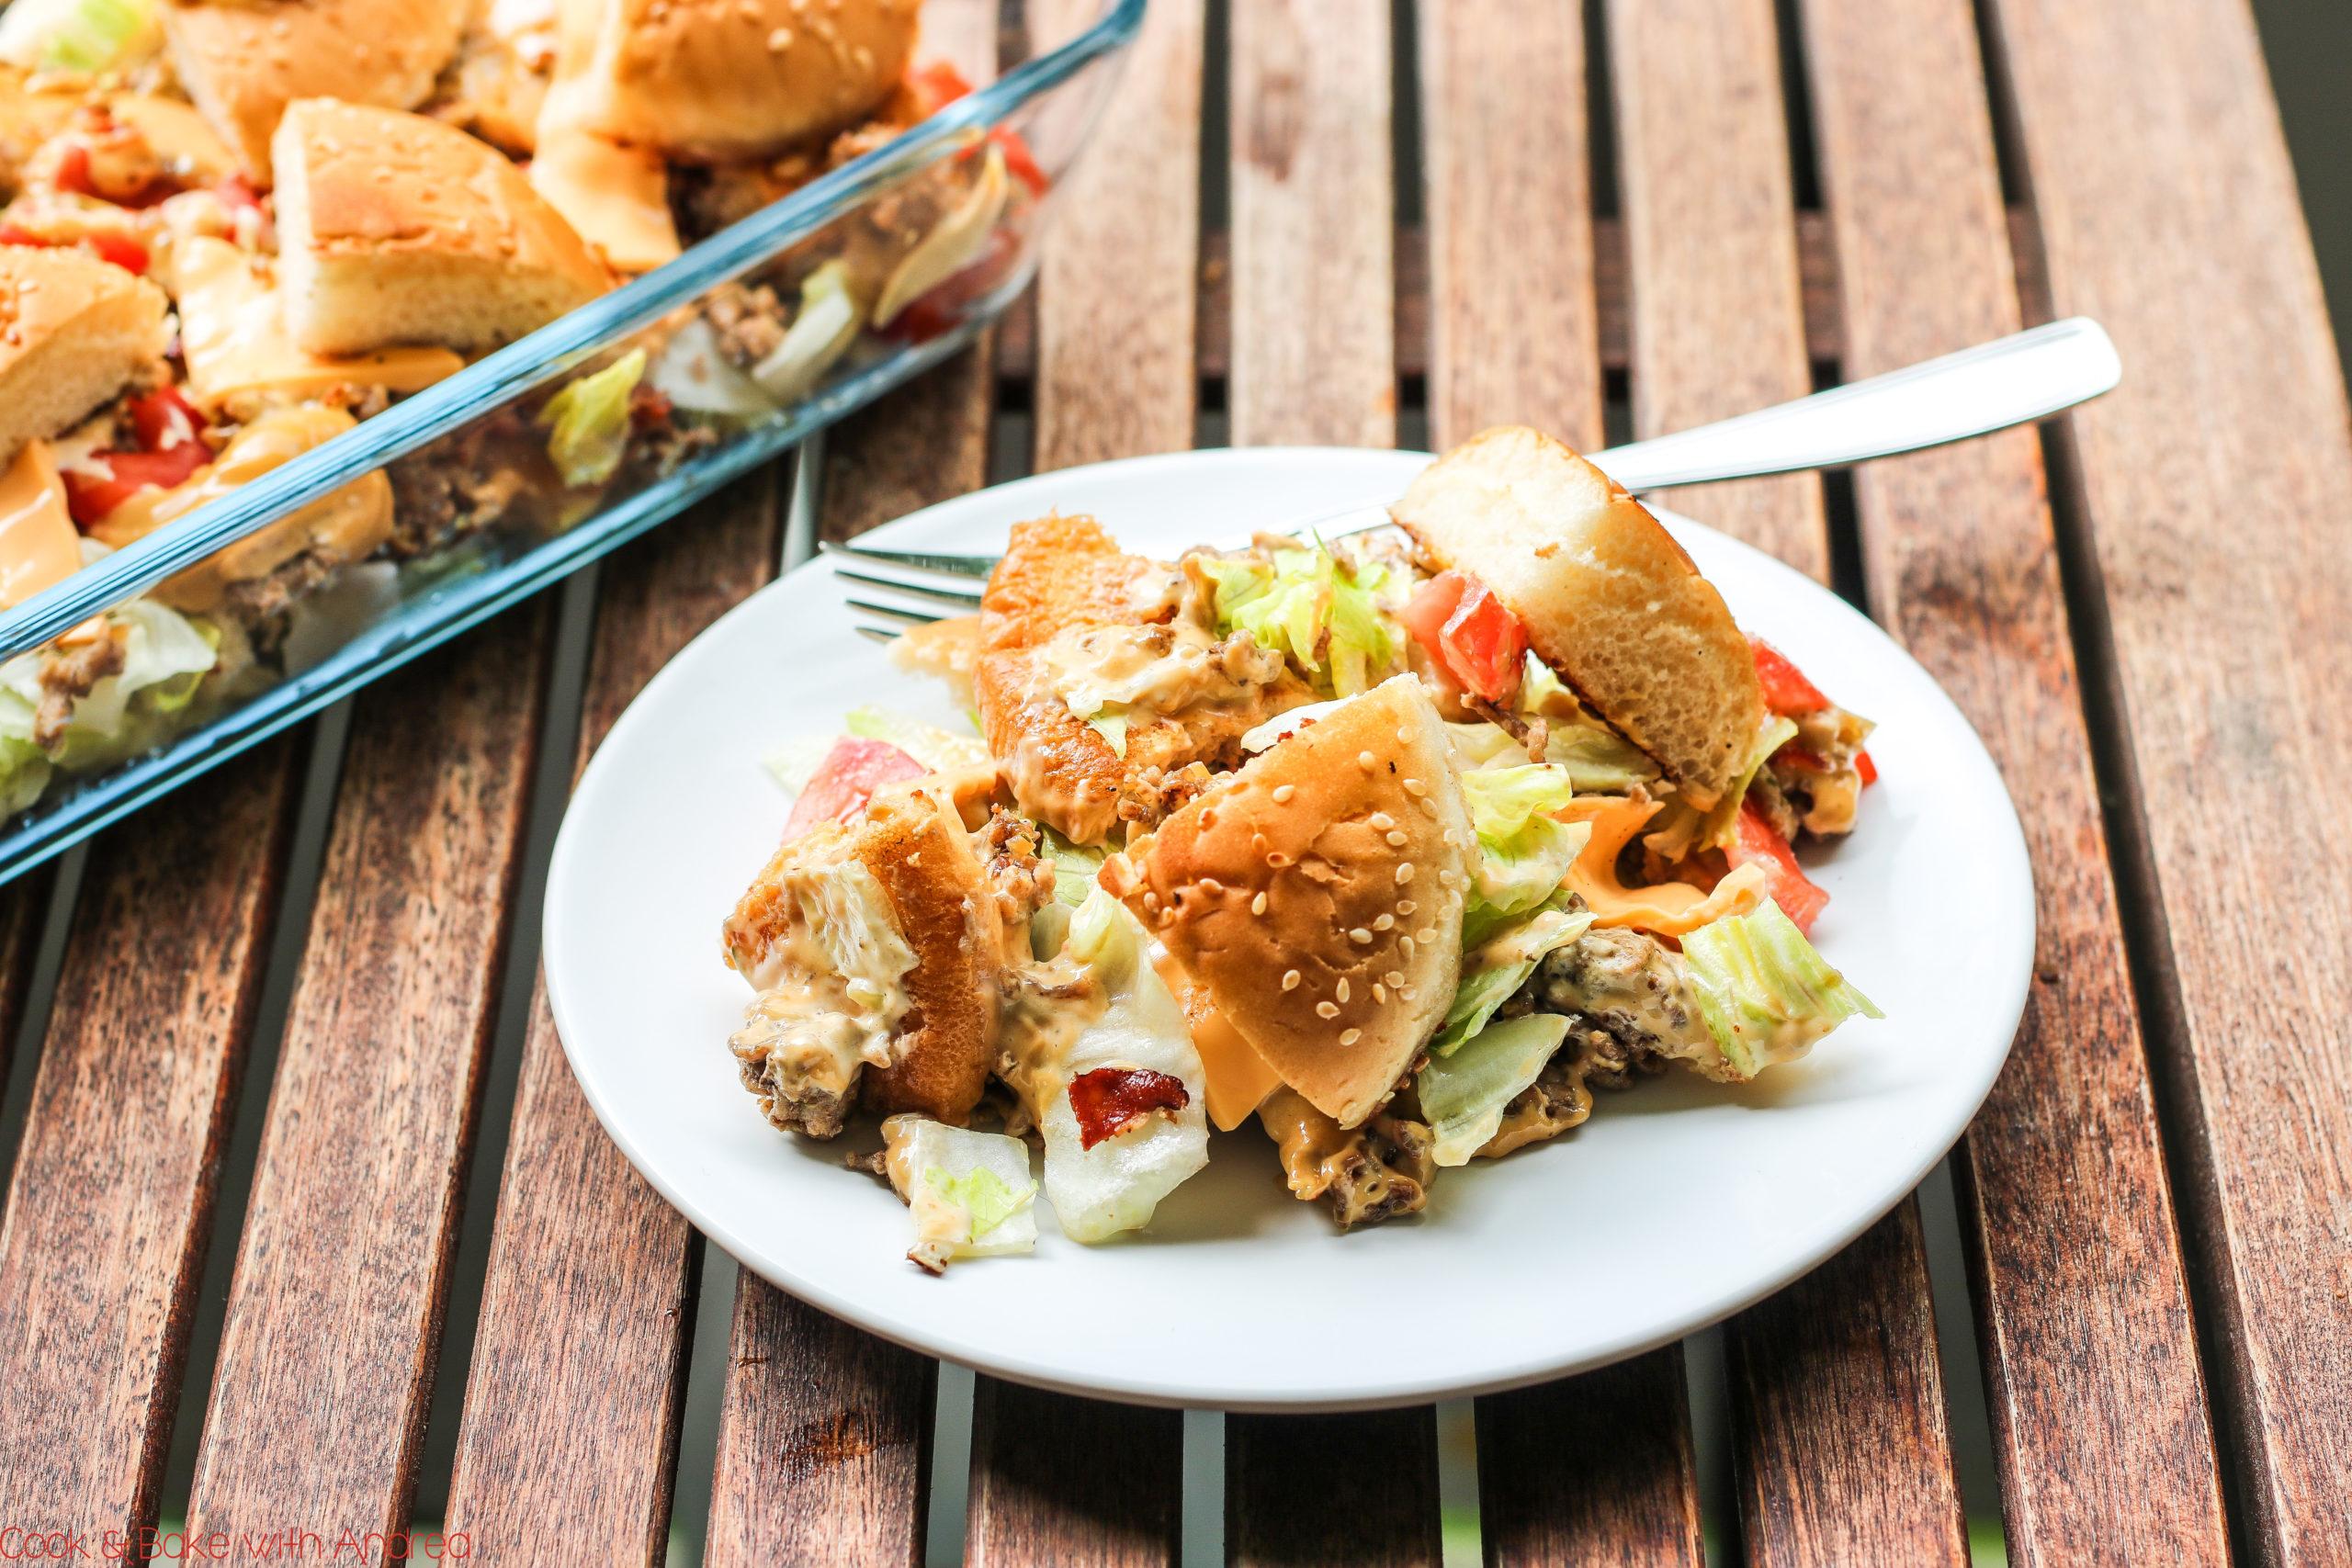 Manchmal darf es deftig und kalorienreich sein oder? Trotz allem gibt es heute kein klassisches Burgerrezept, sondern den bekannten Burger als Big Tasty Bacon Salat. Perfekt für jede Party oder Geburtstag, mit nachgeahmter Soße wie beim Original! Das ganze Rezept gibt es bei Cook and Bake with Andrea.